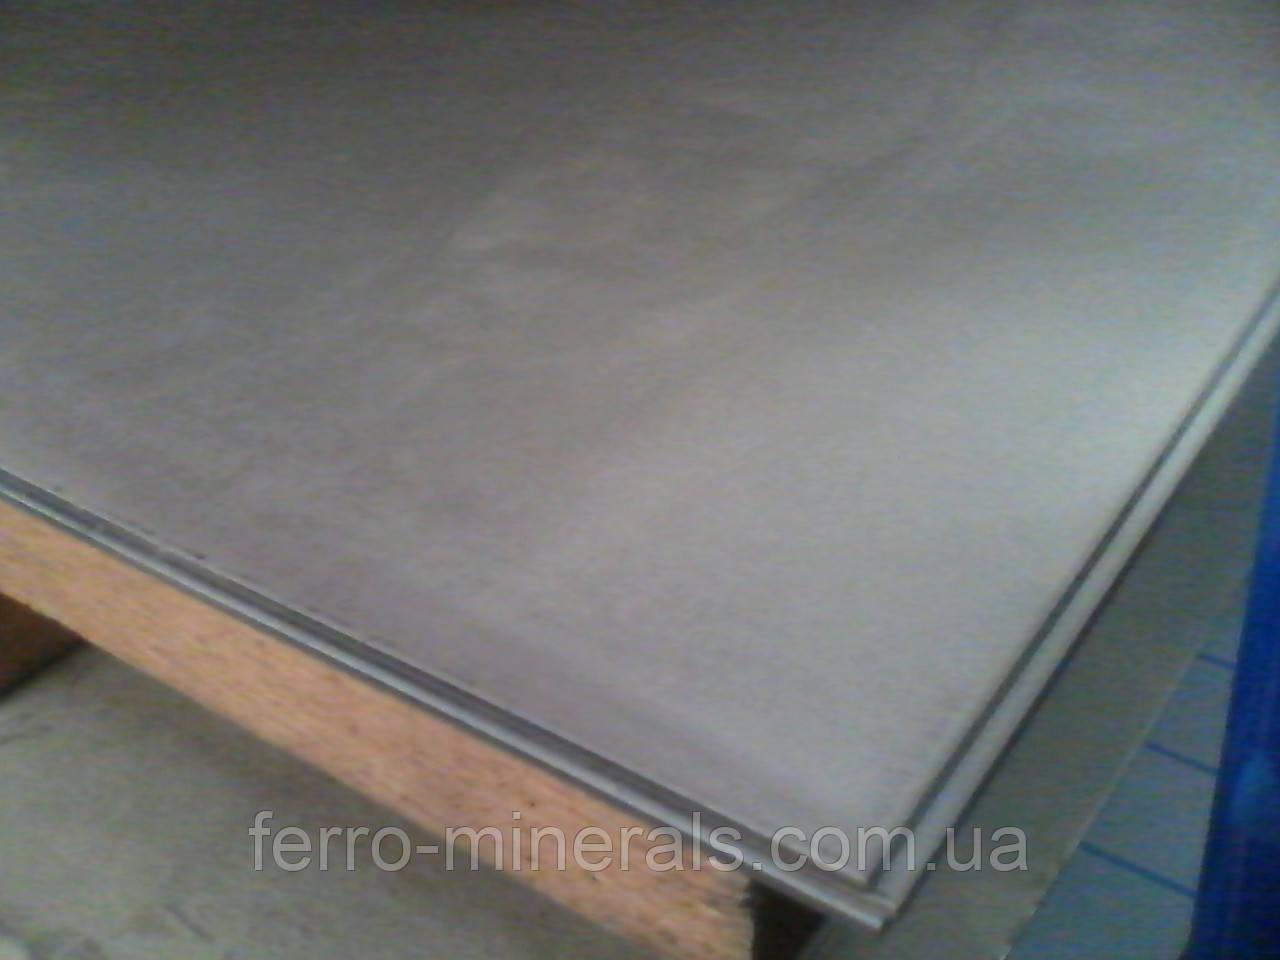 Нержавеющий лист 4,0х1500х6000мм,  AISI 321 (08X18H10Т), 1D